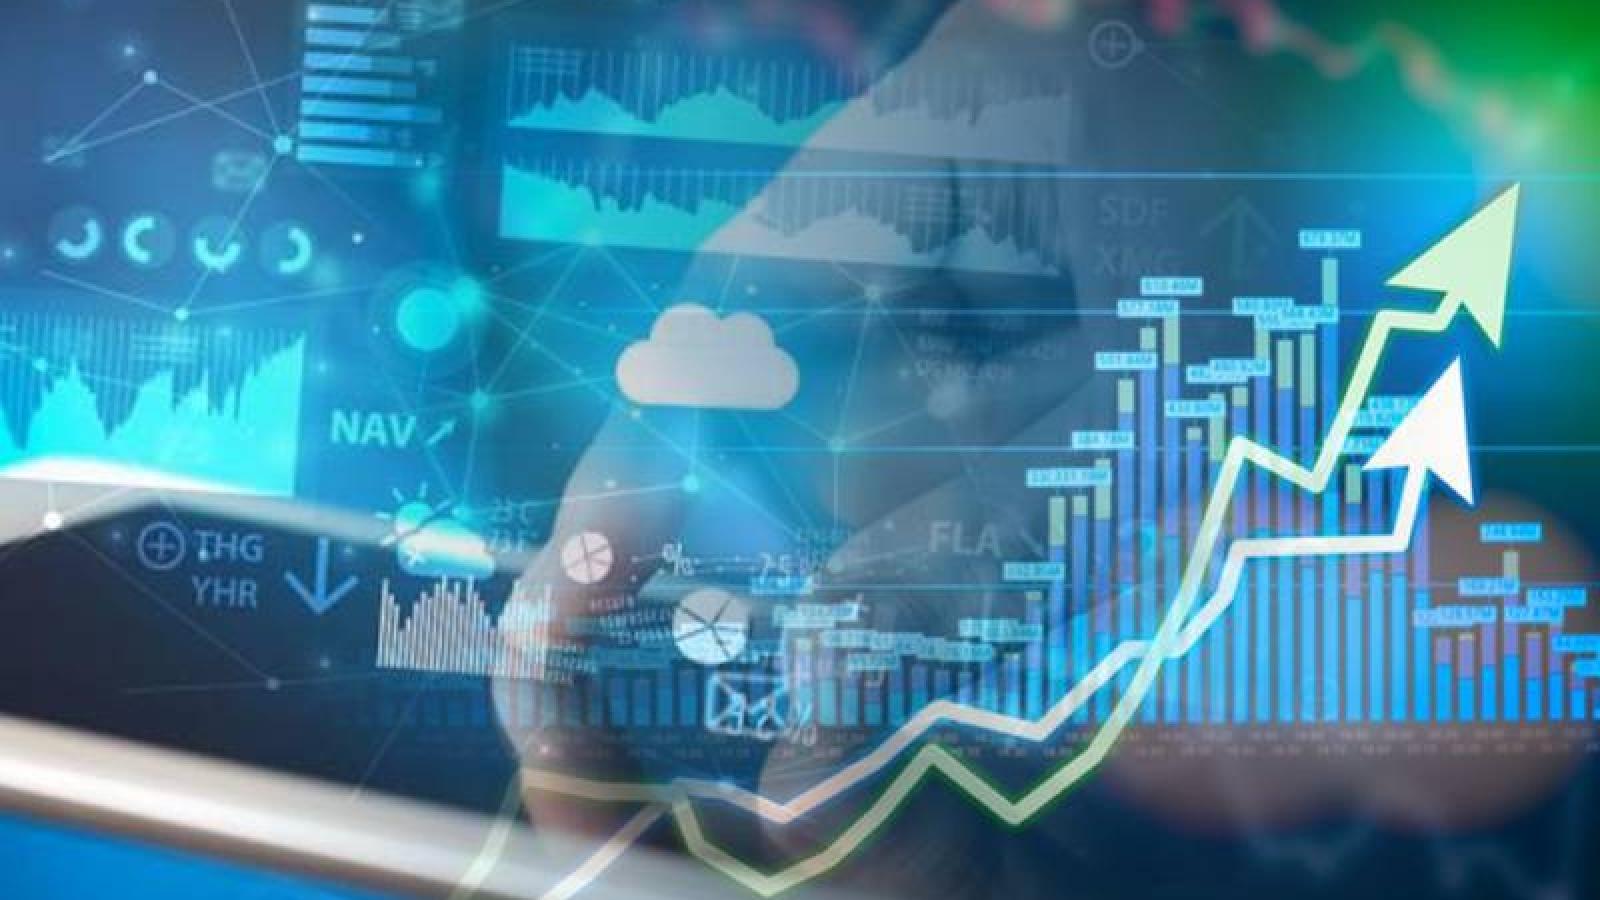 Bùng nổ 'cơn sốt' đầu tư chứng khoán, số tài khoản mở mới tăng kỷ lục